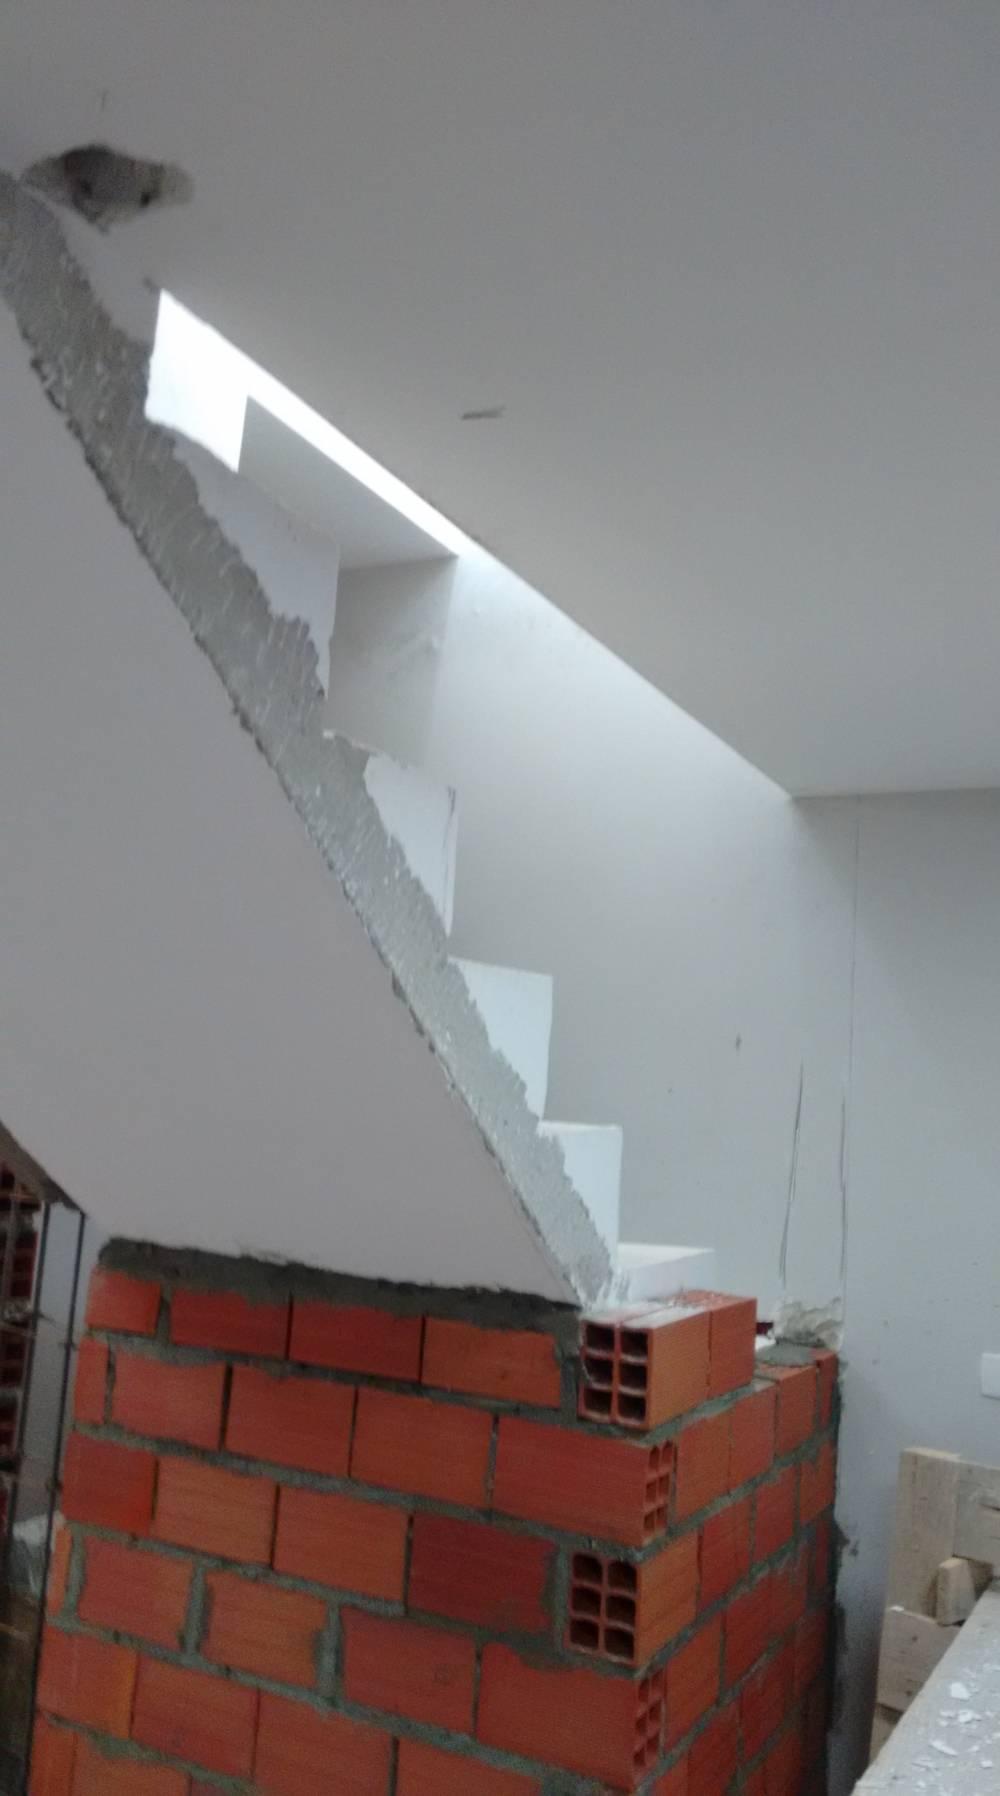 Preciso de Empresa de Reparo em Residências no Taboão - Pequenos Reparos em Casas